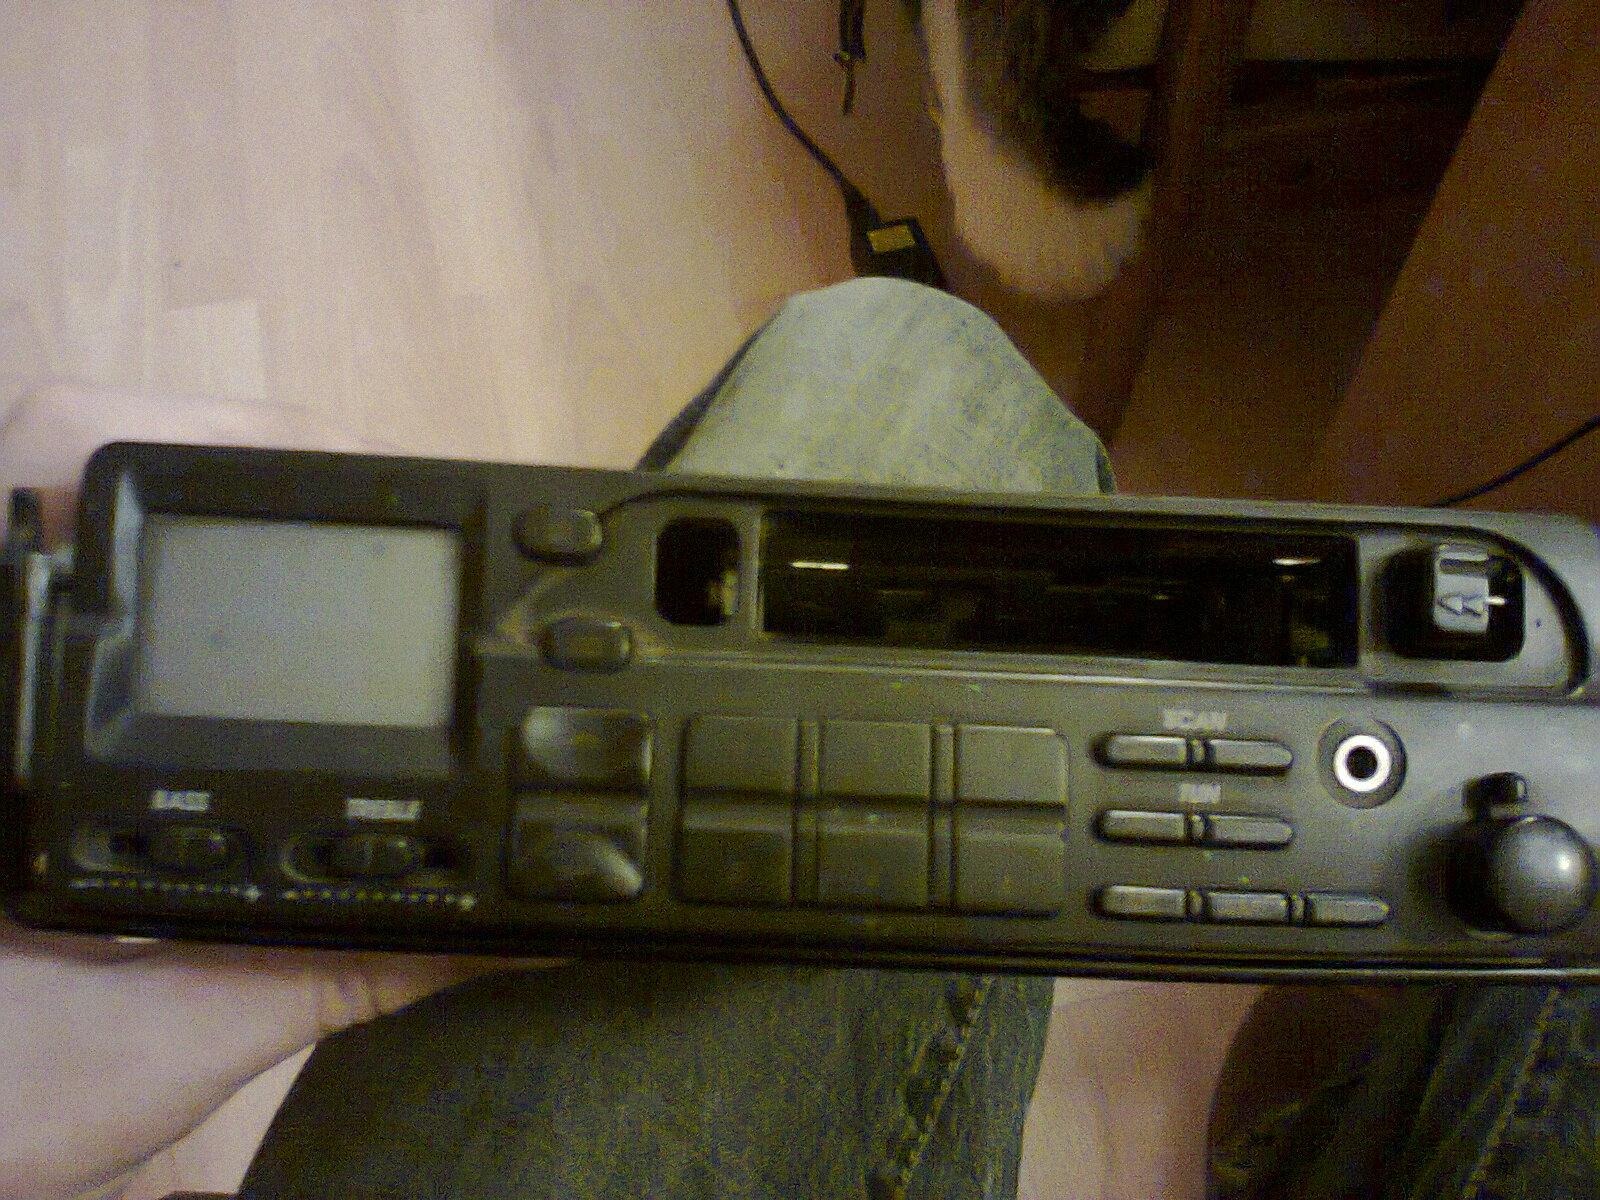 Pod��czenie niezidentyfikowanego radia